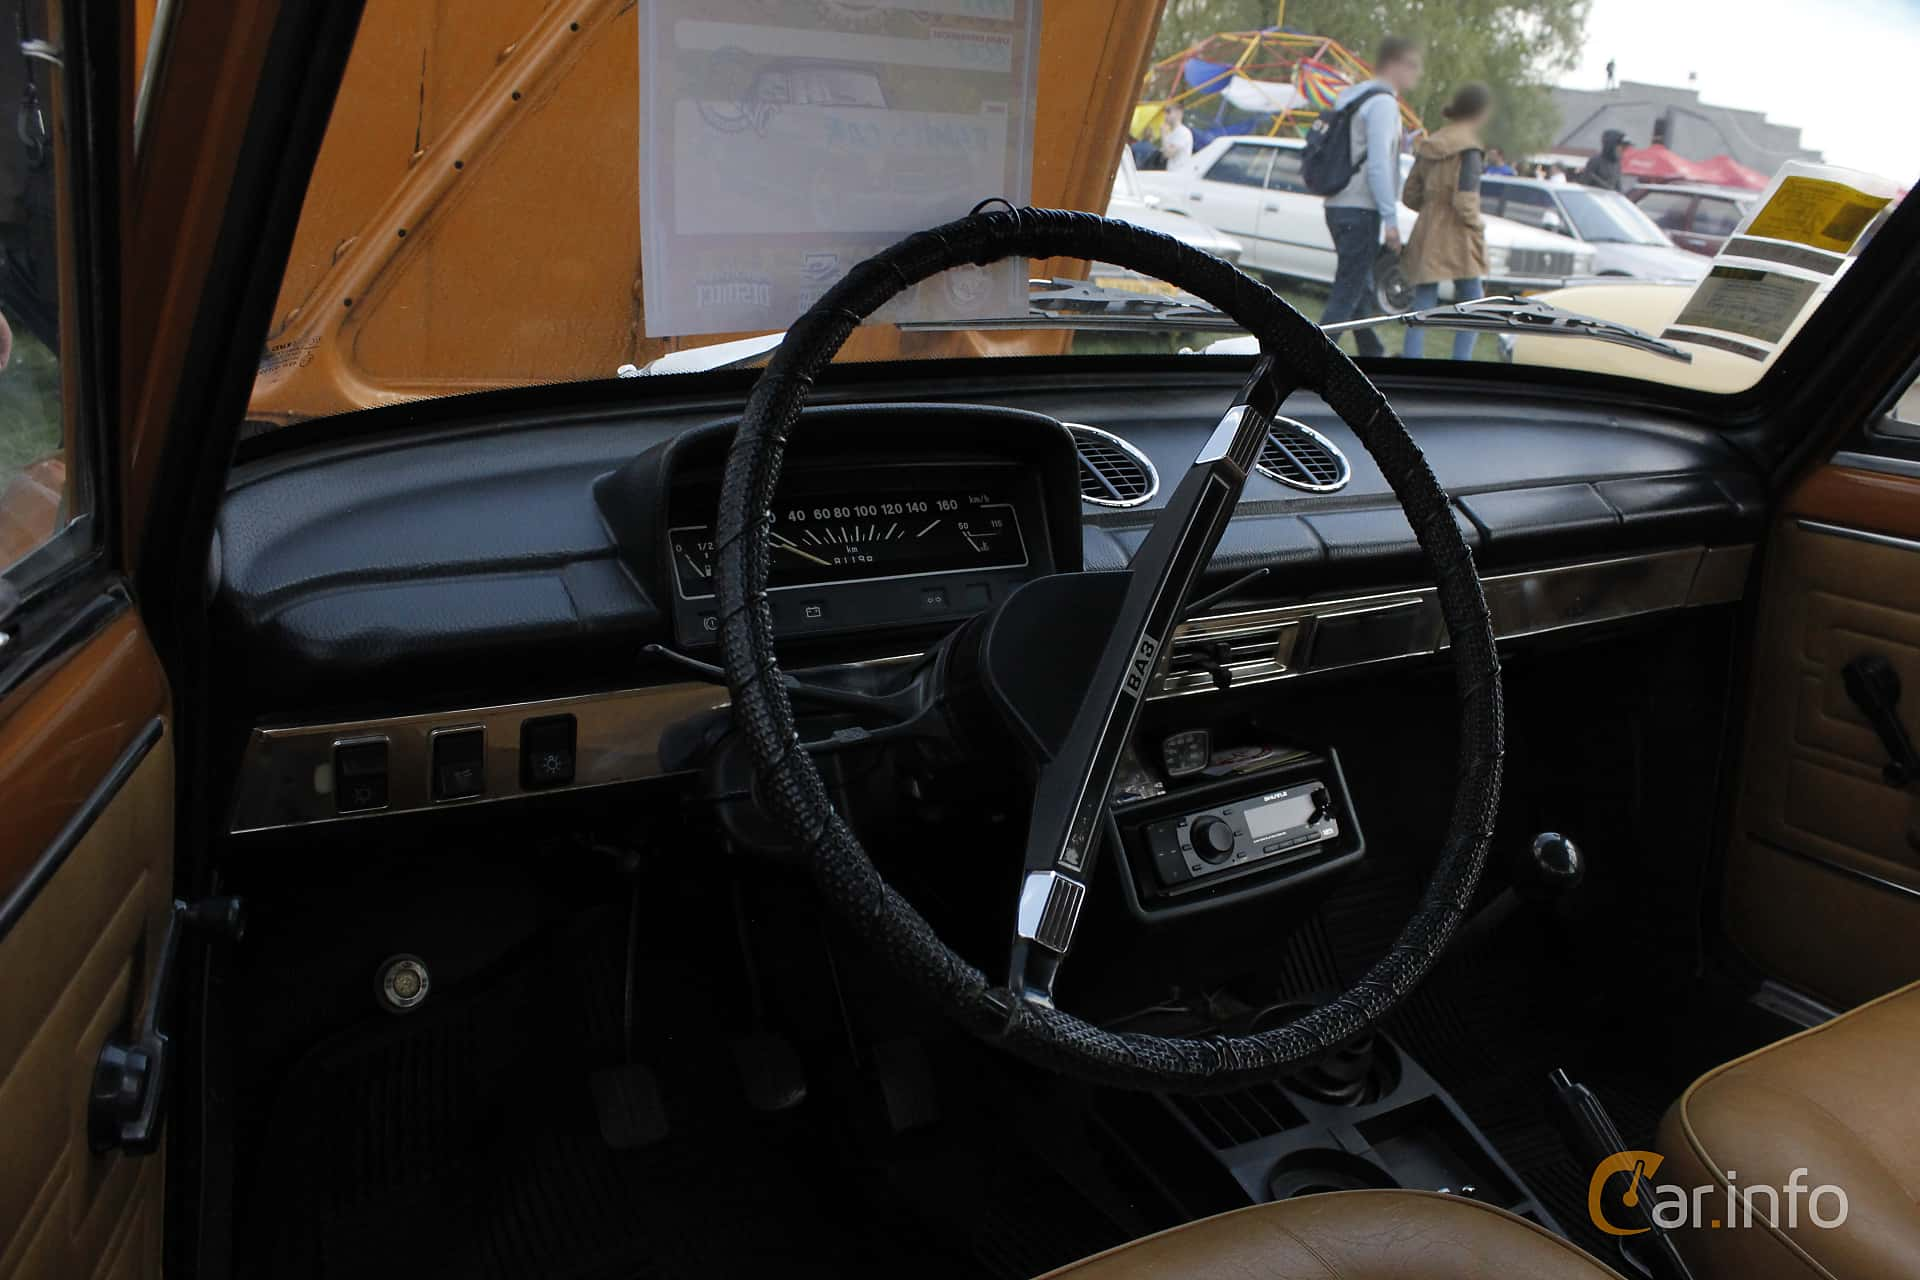 VAZ VAZ-21011 1.3 Manual, 68hp, 1978 at Old Car Land no.1 2018